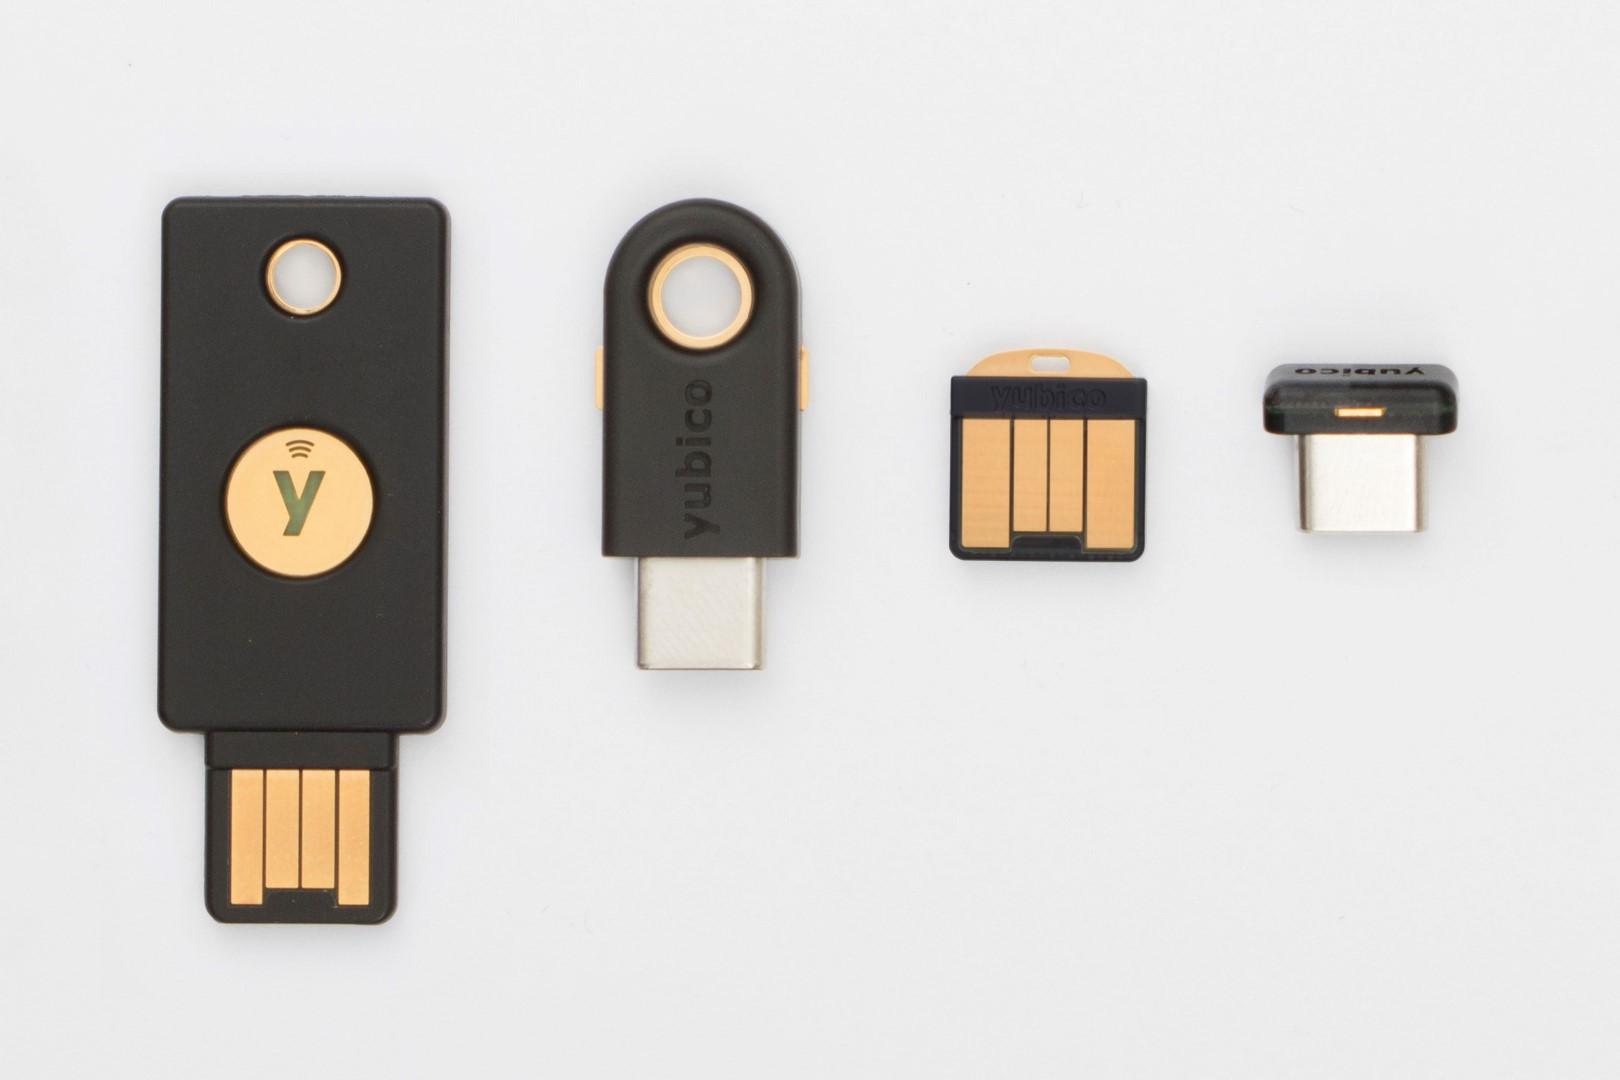 Con le Yubikey 5, il sistema di autenticazione più sicuro è appena diventato... ancora più sicuro 1